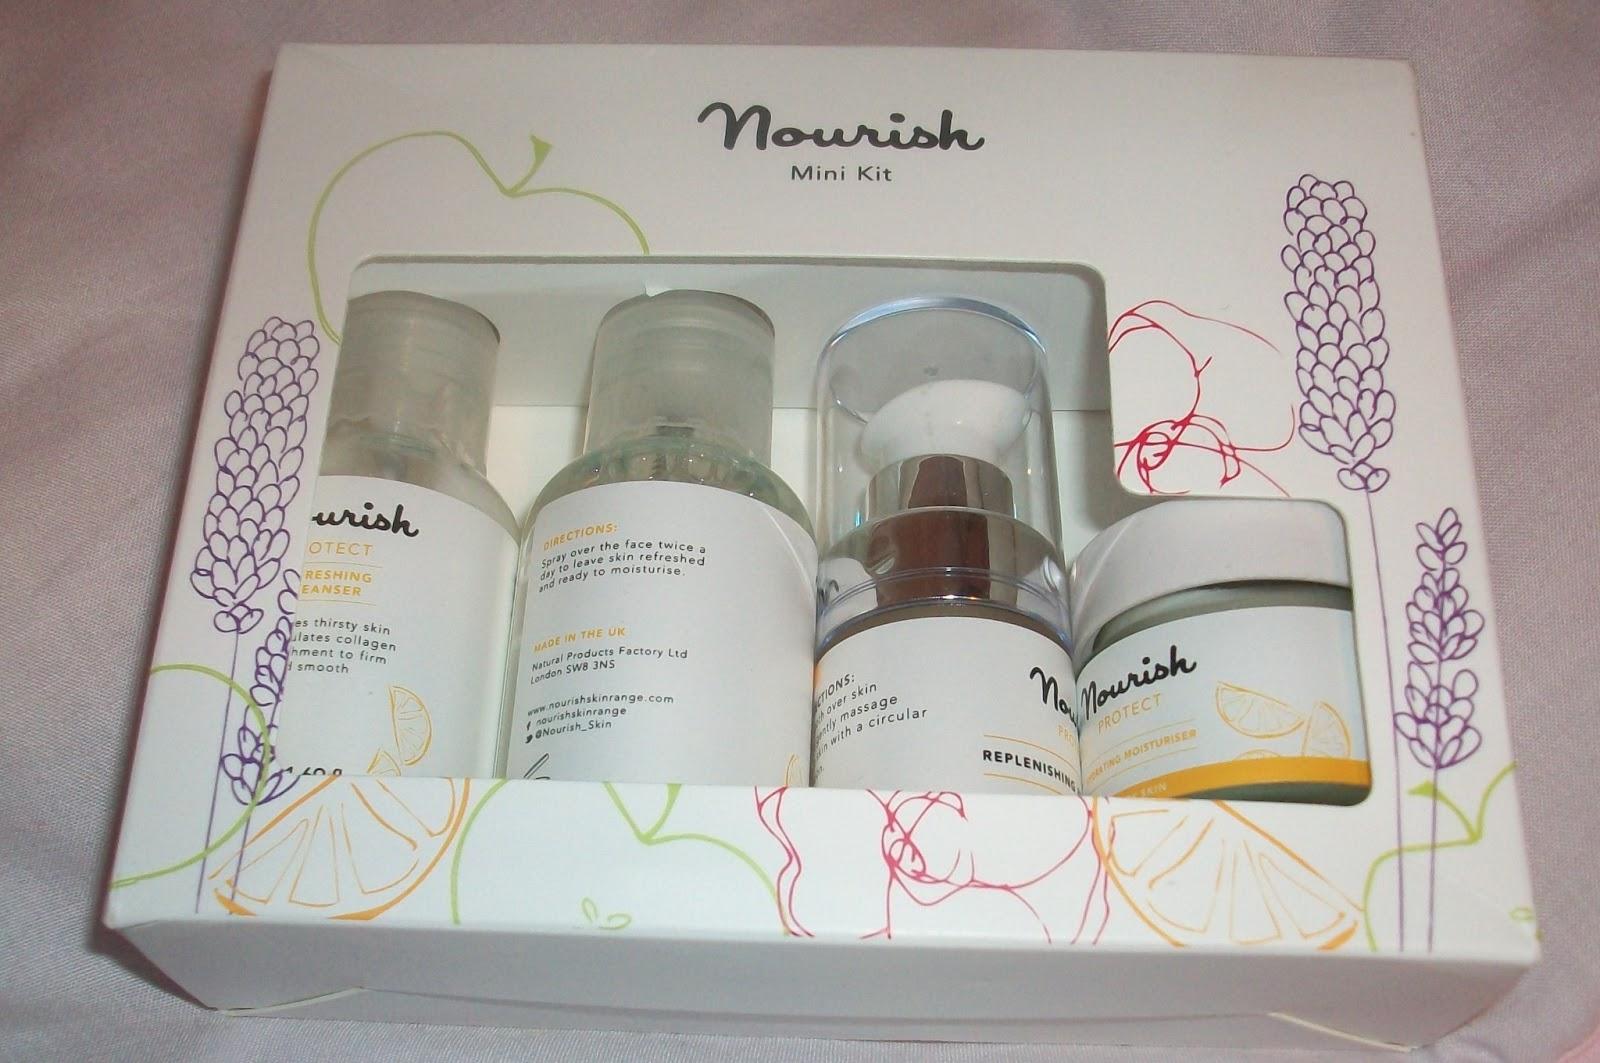 Nourish skin products